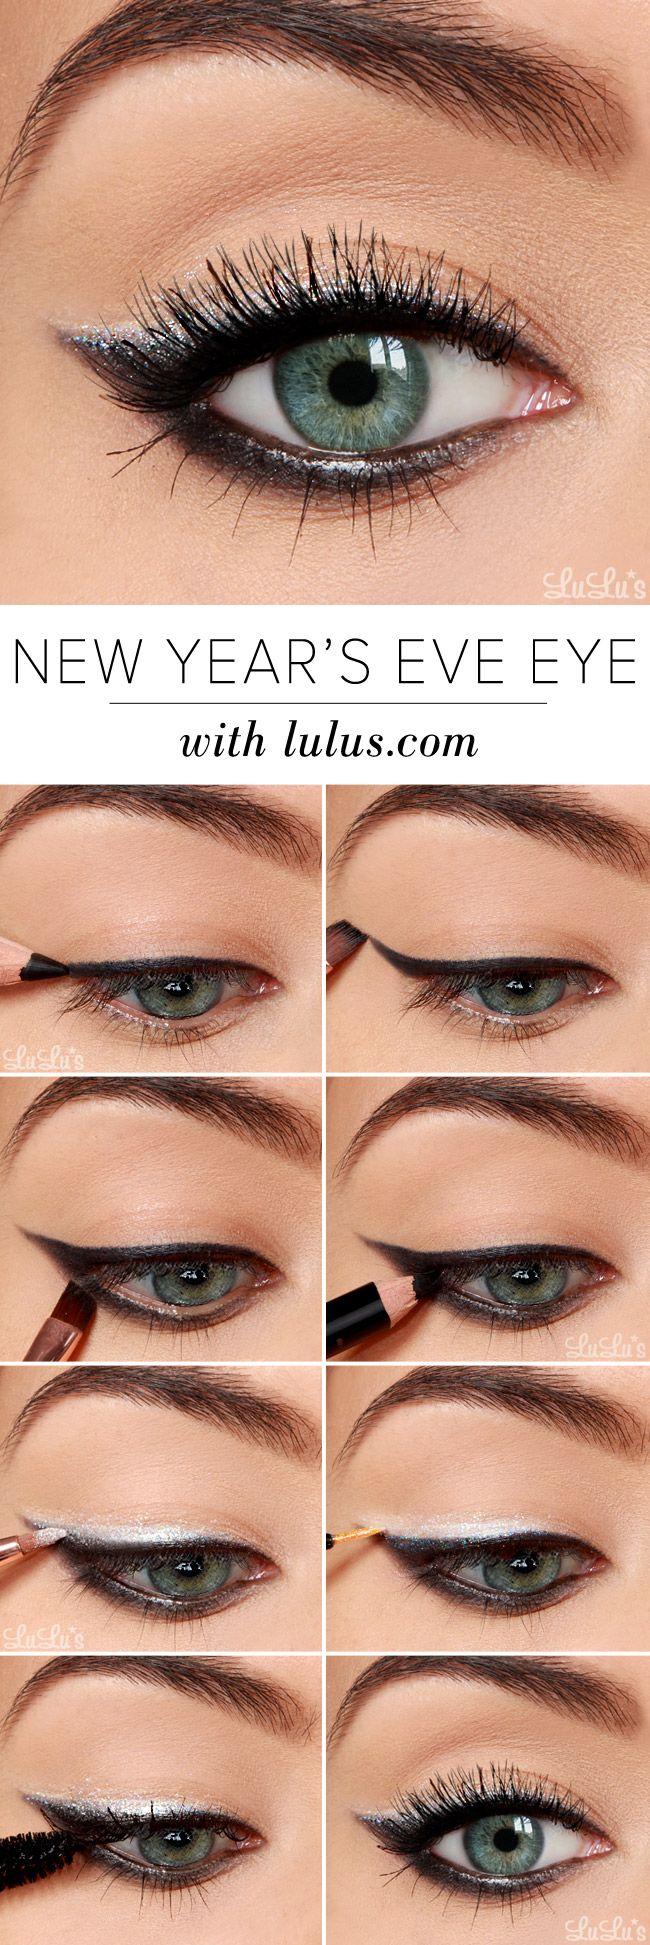 Eclaircir son regard, maquillage des yeux, le sombre et le clair, technique d'application, crayon, fard à paupière et mascara, Gorgeous and Stunning Eyes